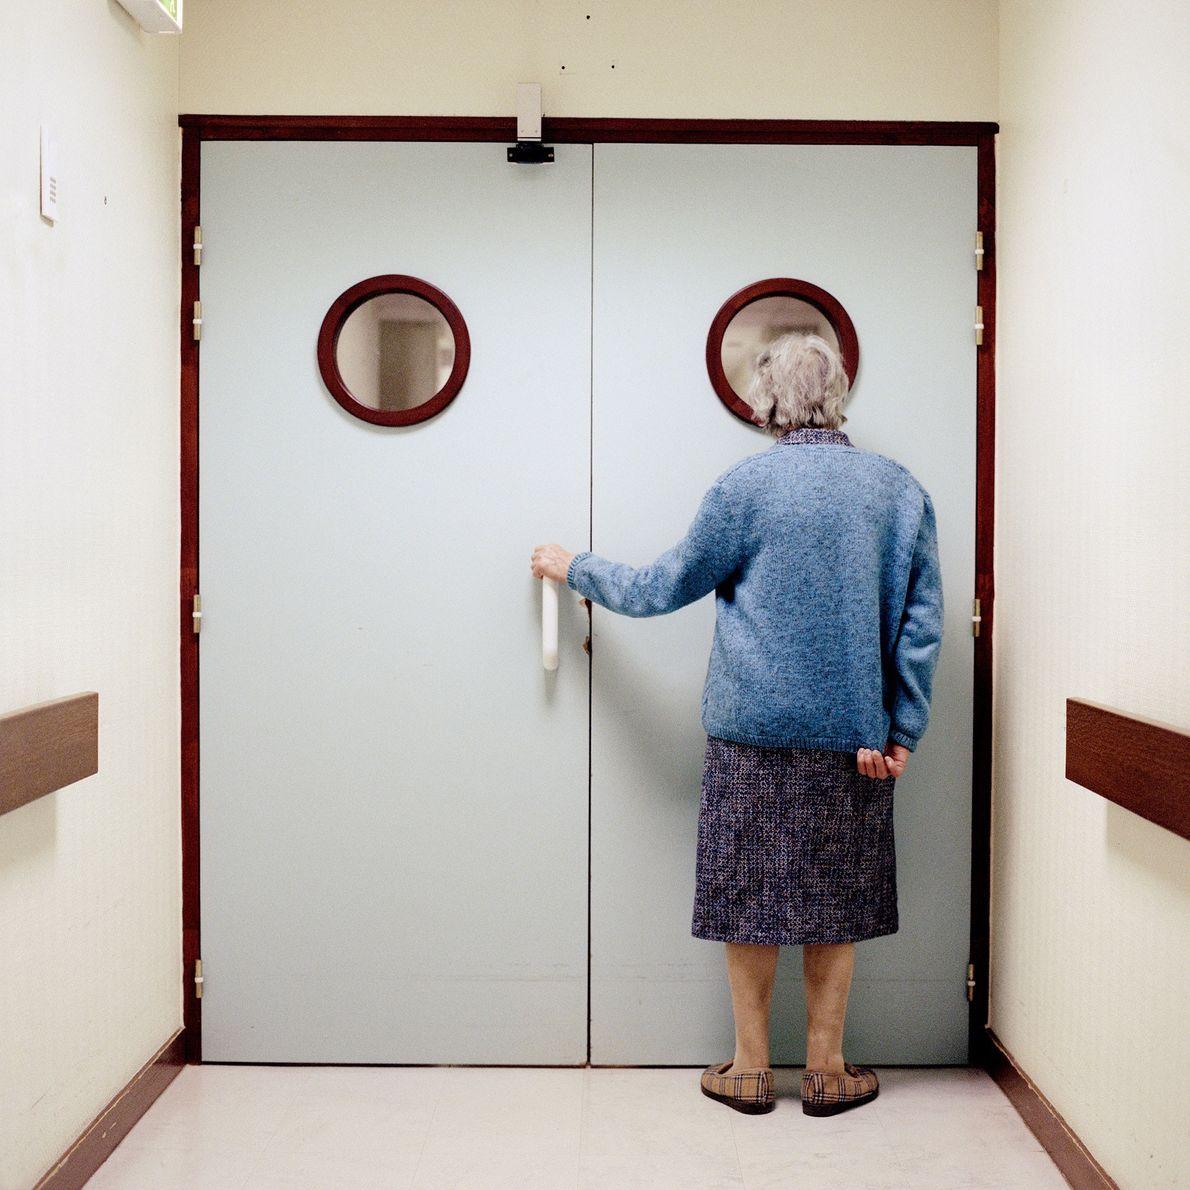 Une résidente se tient devant la porte verrouillée menant à la sortie du département.